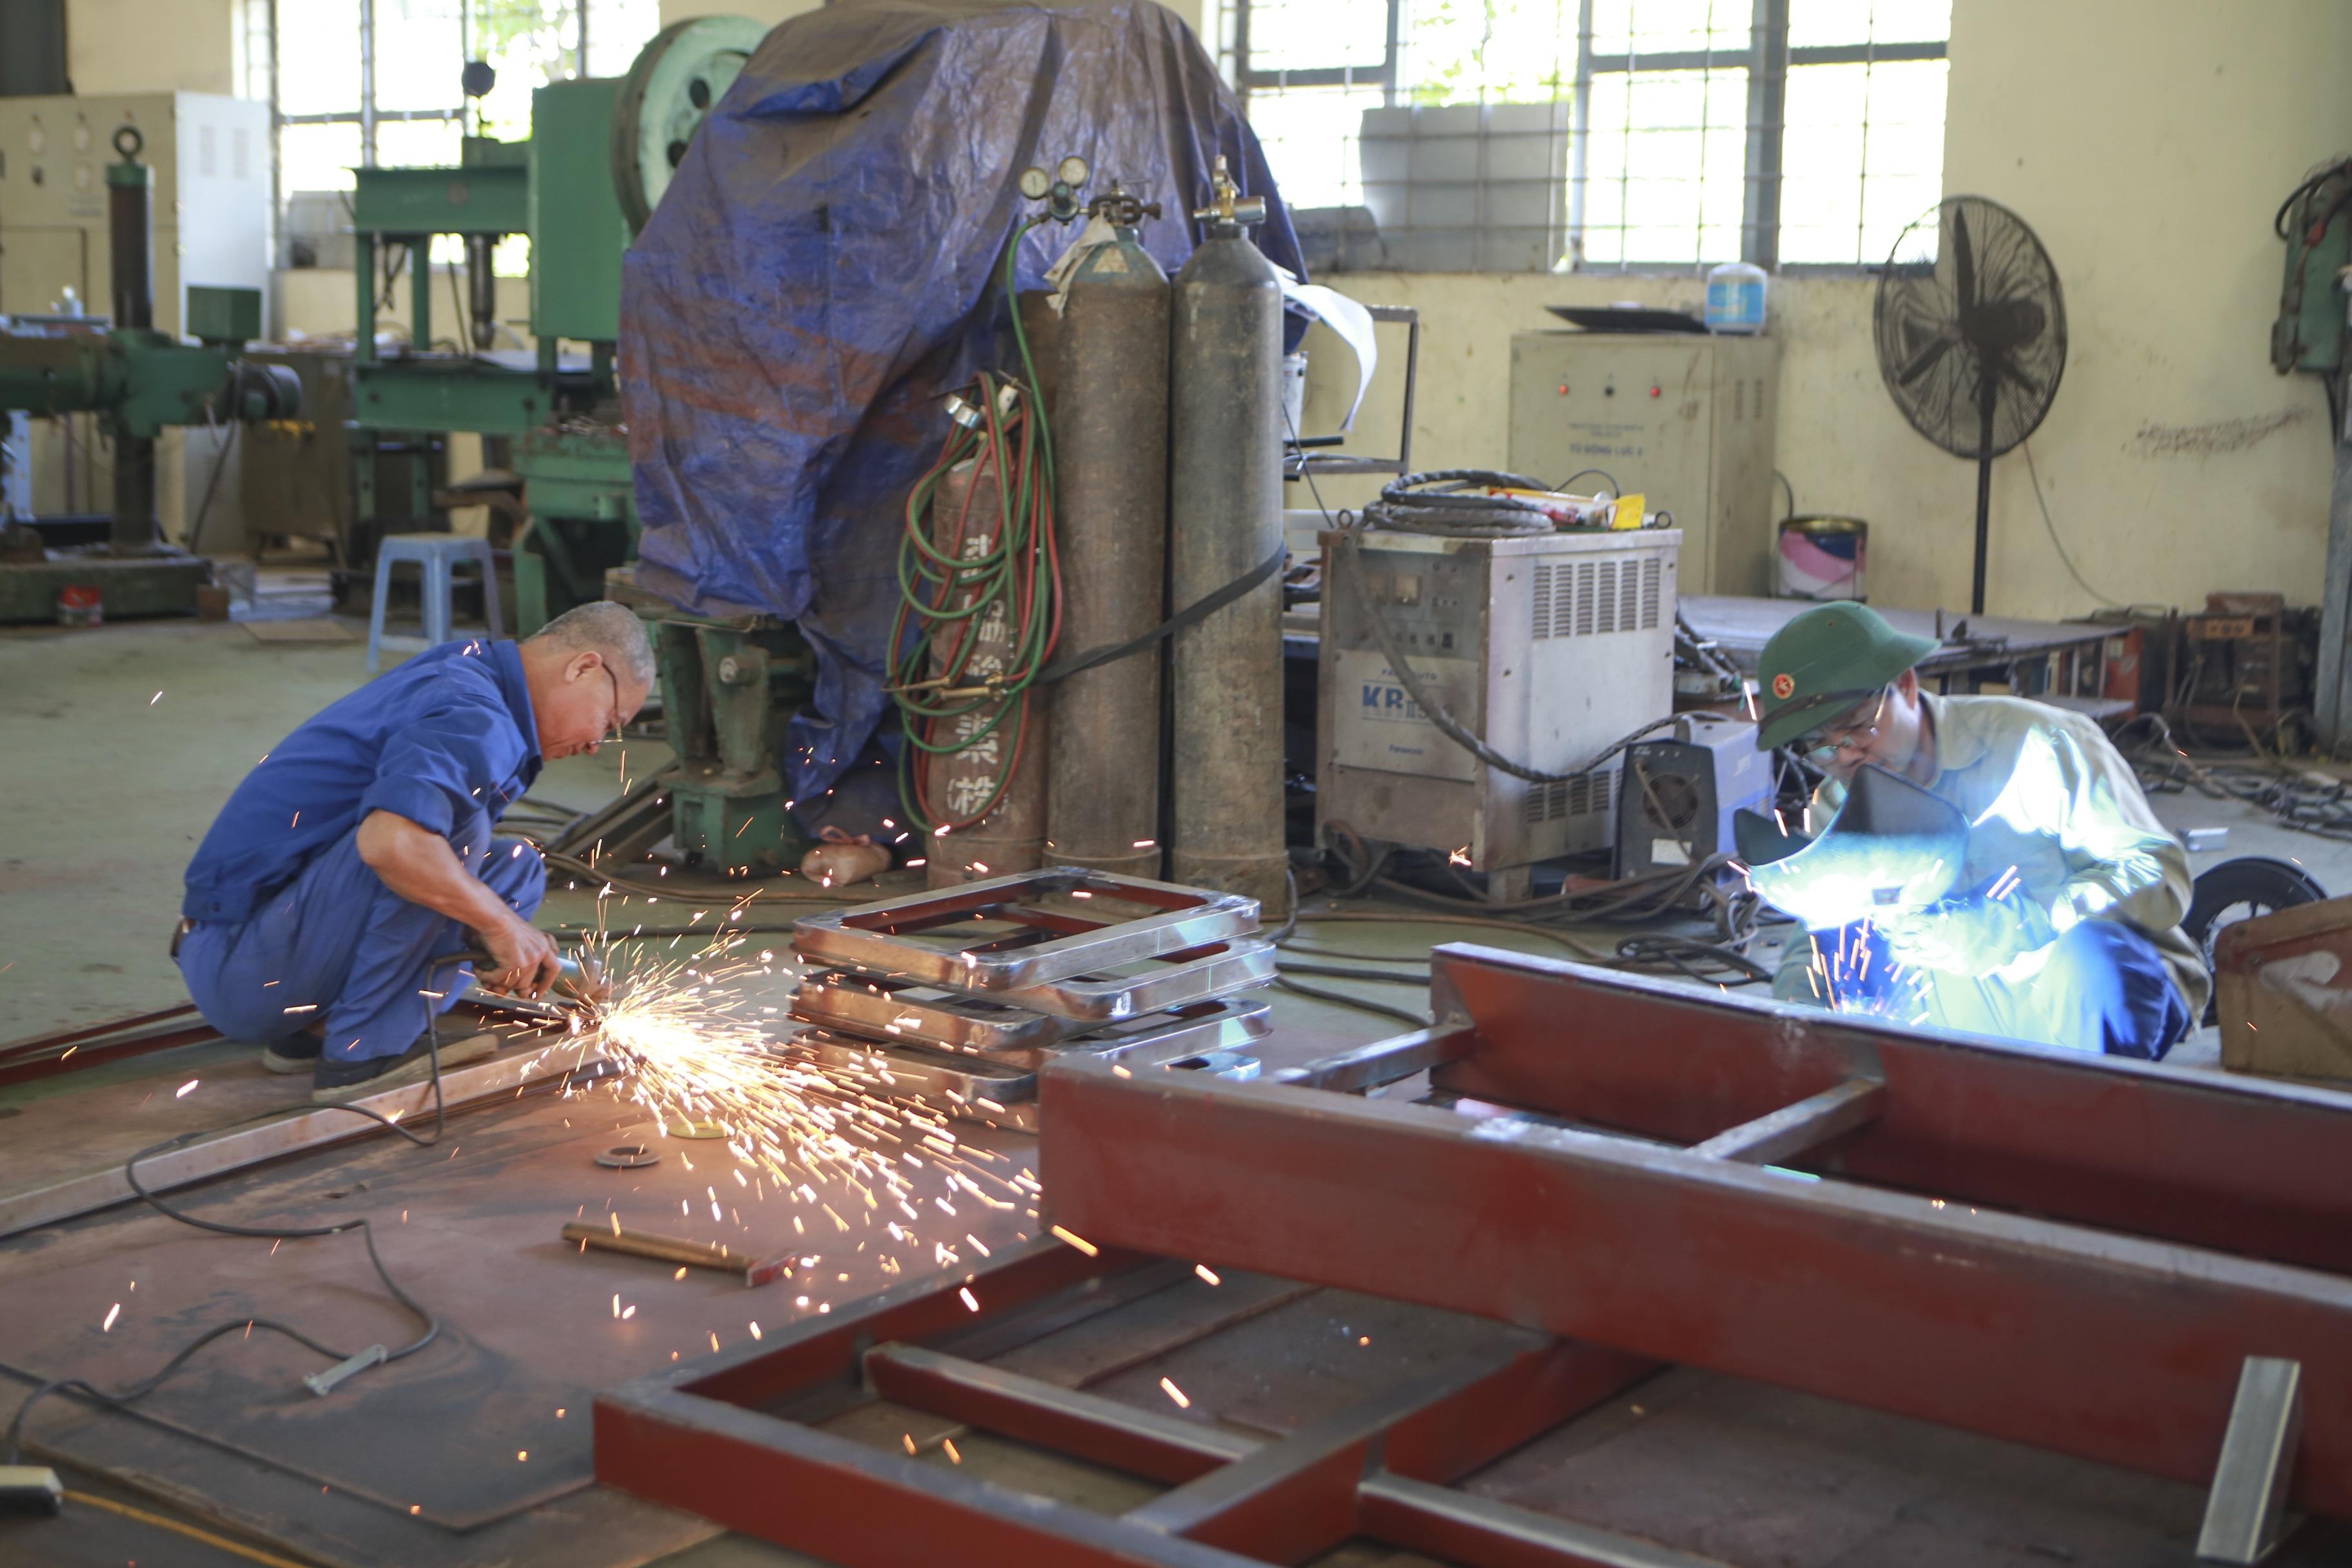 Khám phá xe công trình sửa chữa cơ khí tổng hợp của Quân đội Nhân dân Việt Nam - 11